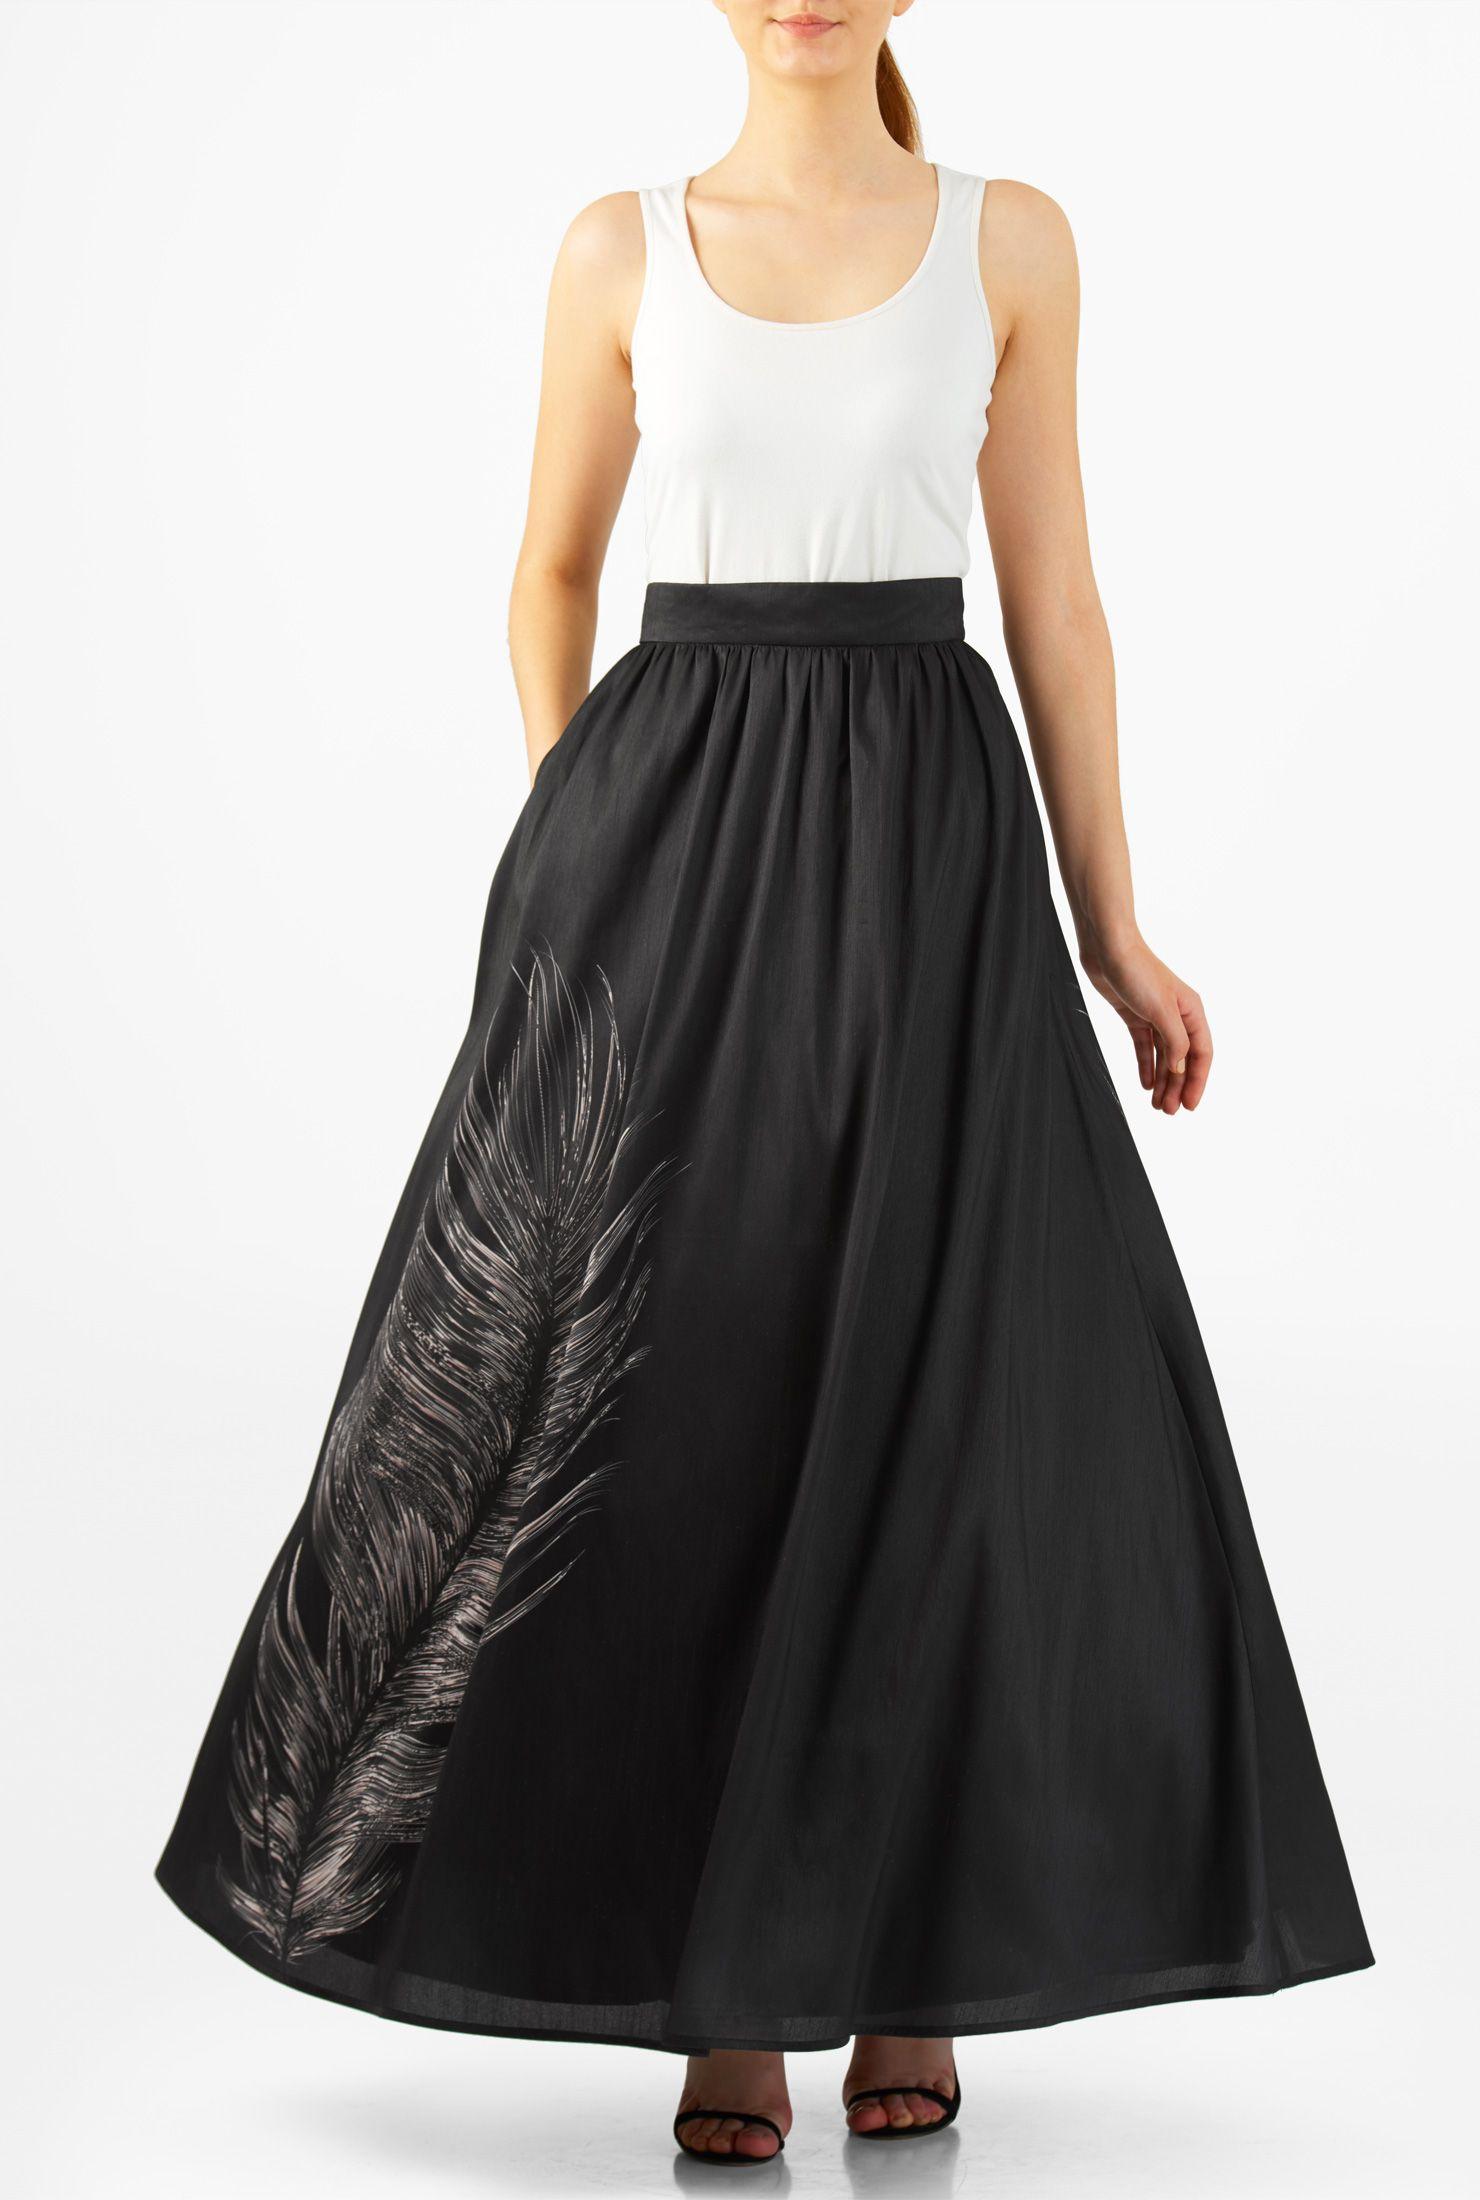 6d3cc694772 Full Length Black Skirt Plus Size - Data Dynamic AG